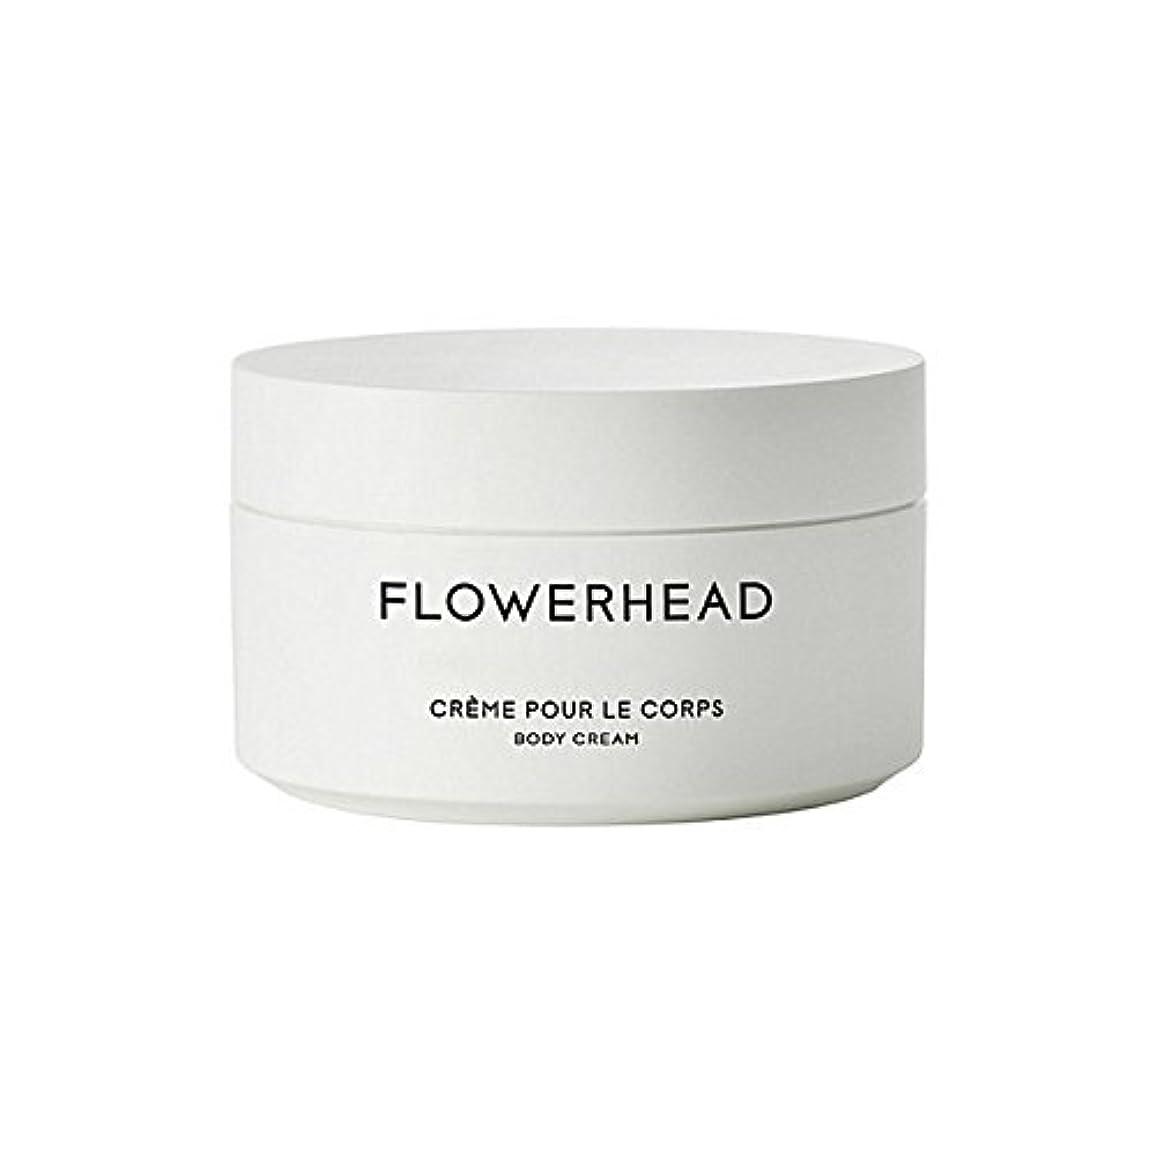 特性まあ動かすボディクリーム200ミリリットル x2 - Byredo Flowerhead Body Cream 200ml (Pack of 2) [並行輸入品]